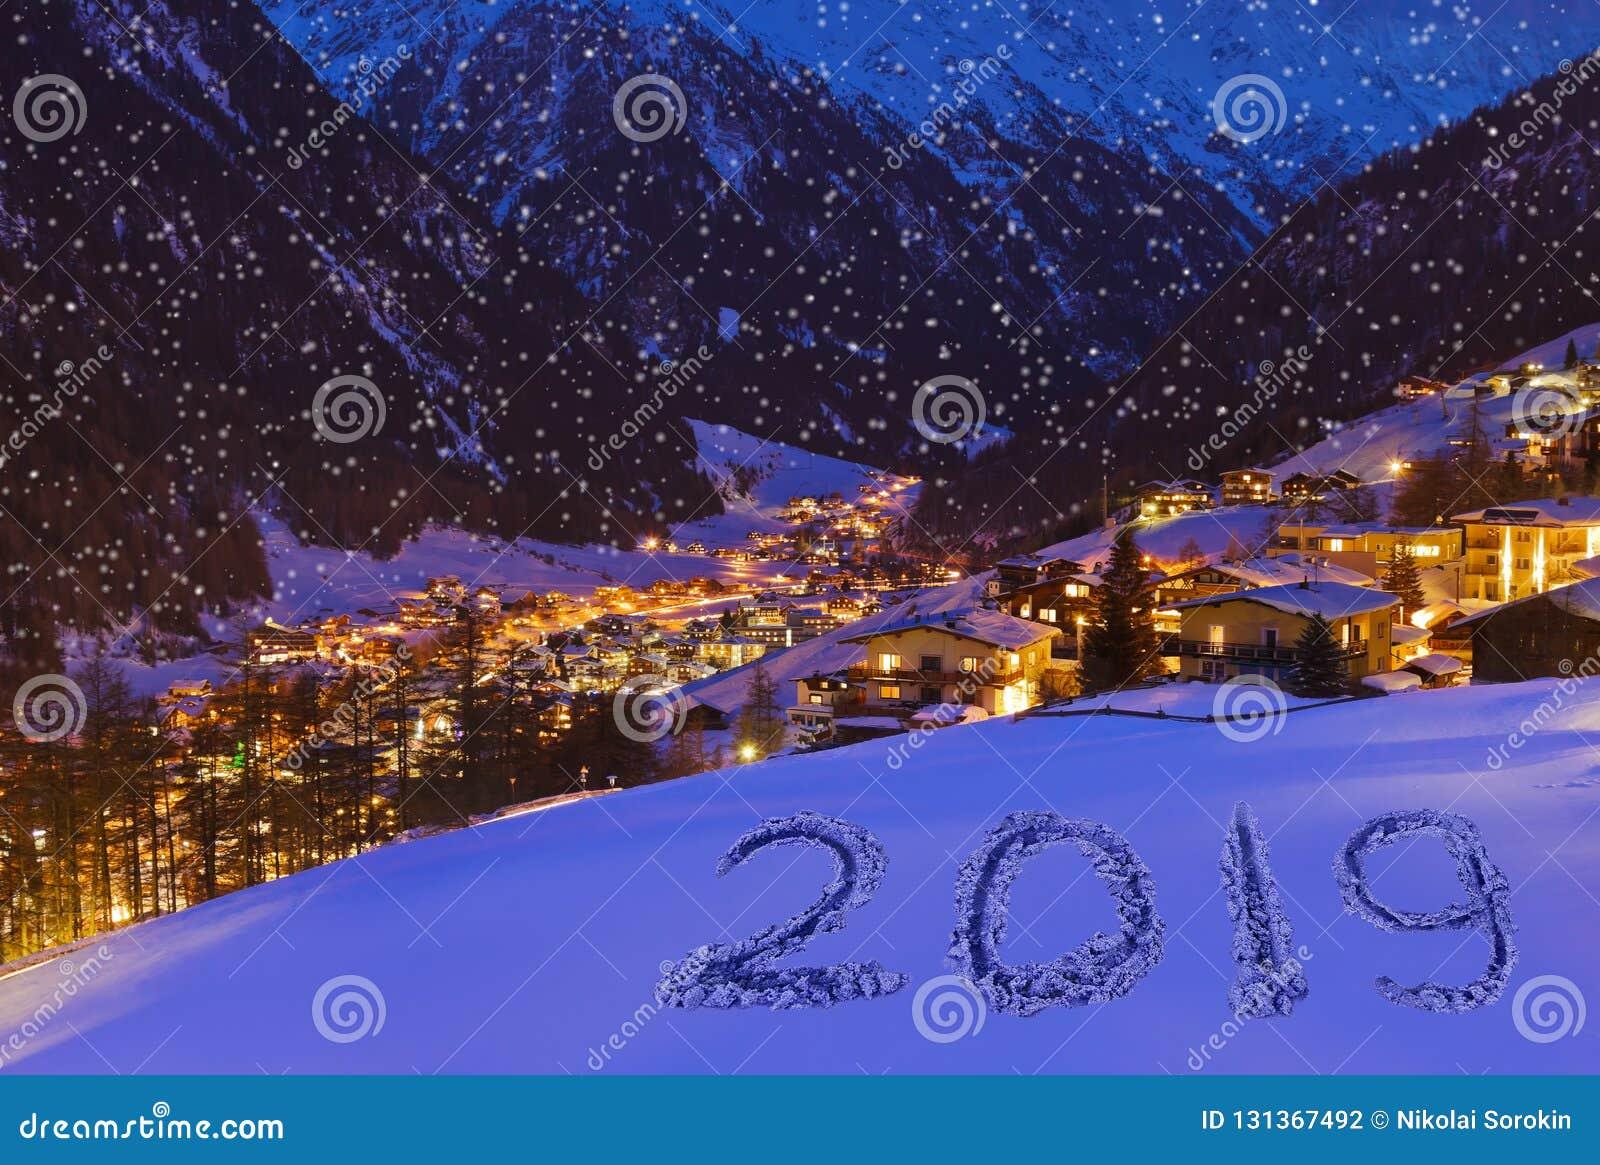 Christmas In Austria 2019.2019 On Snow At Mountains Solden Austria Stock Photo